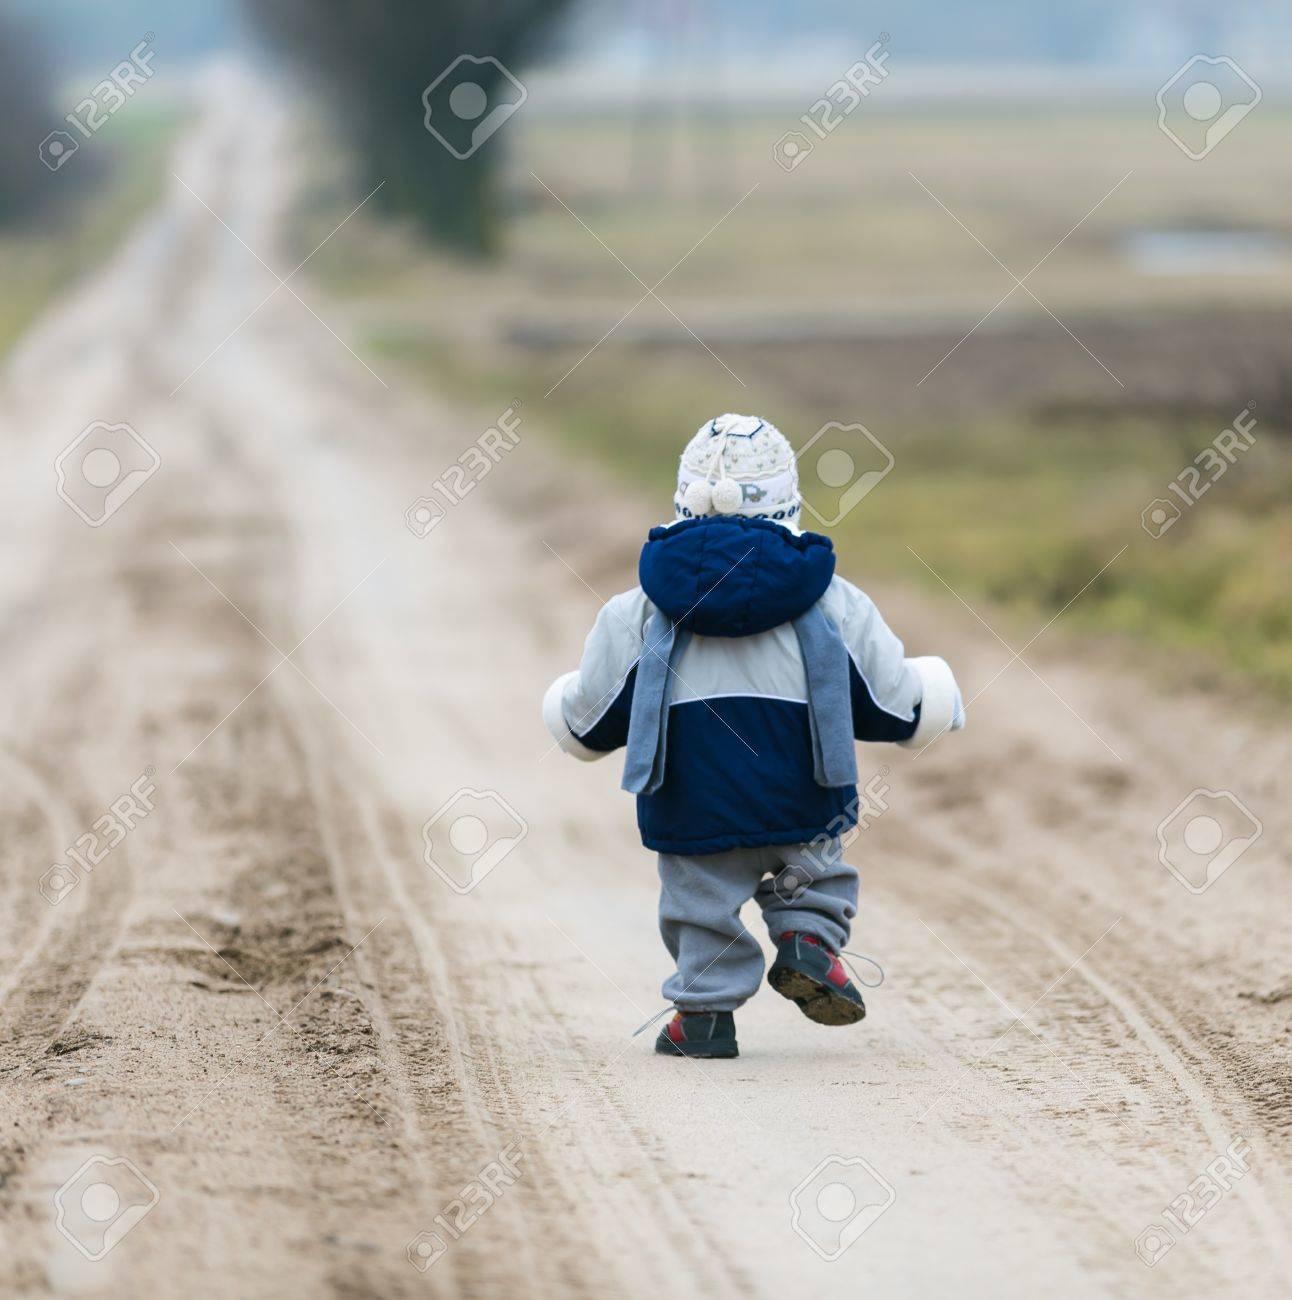 Little child walking self by rural sandy road - 37471783